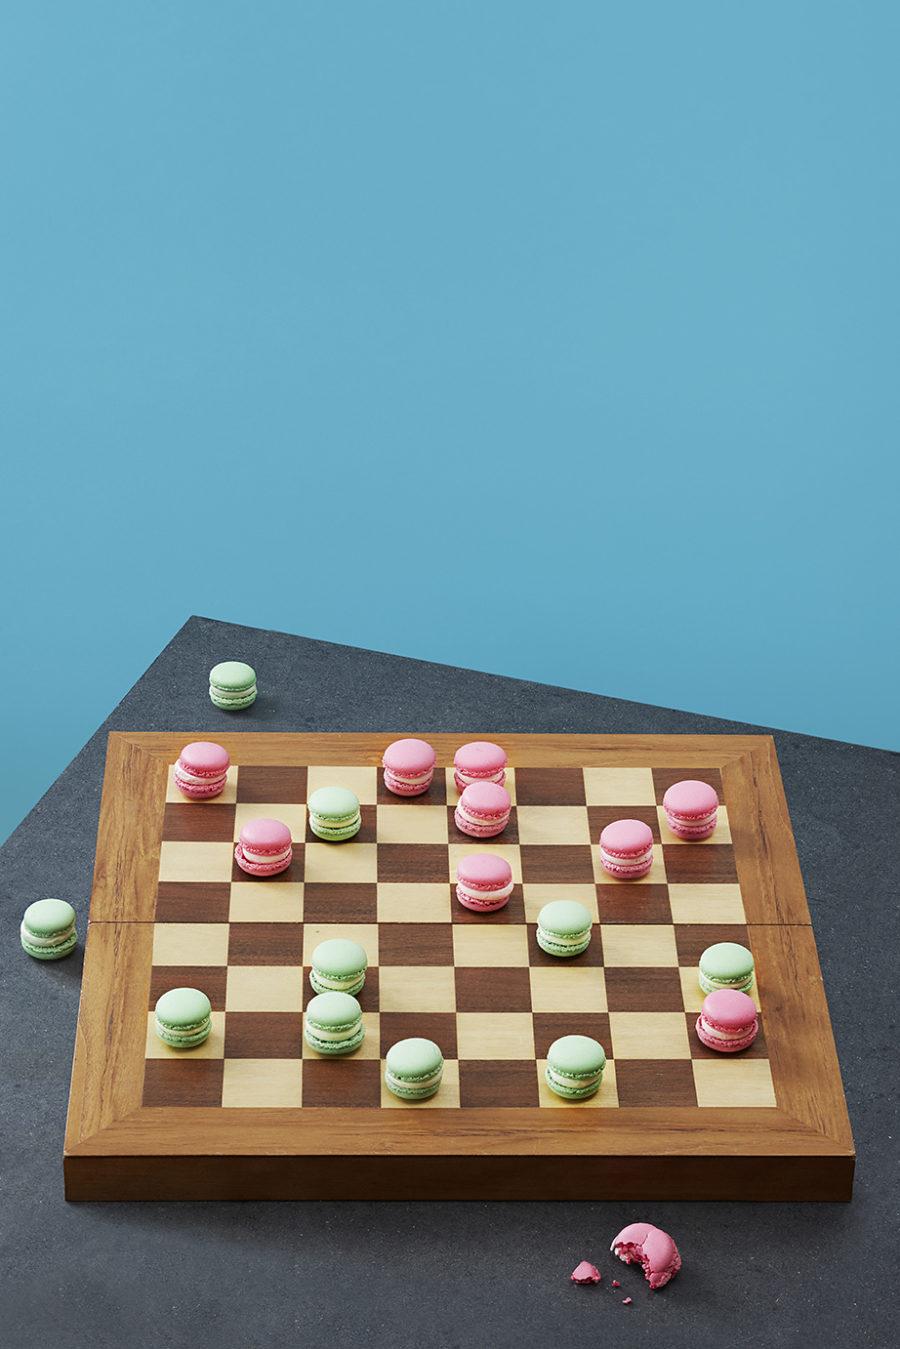 schach mit macarons